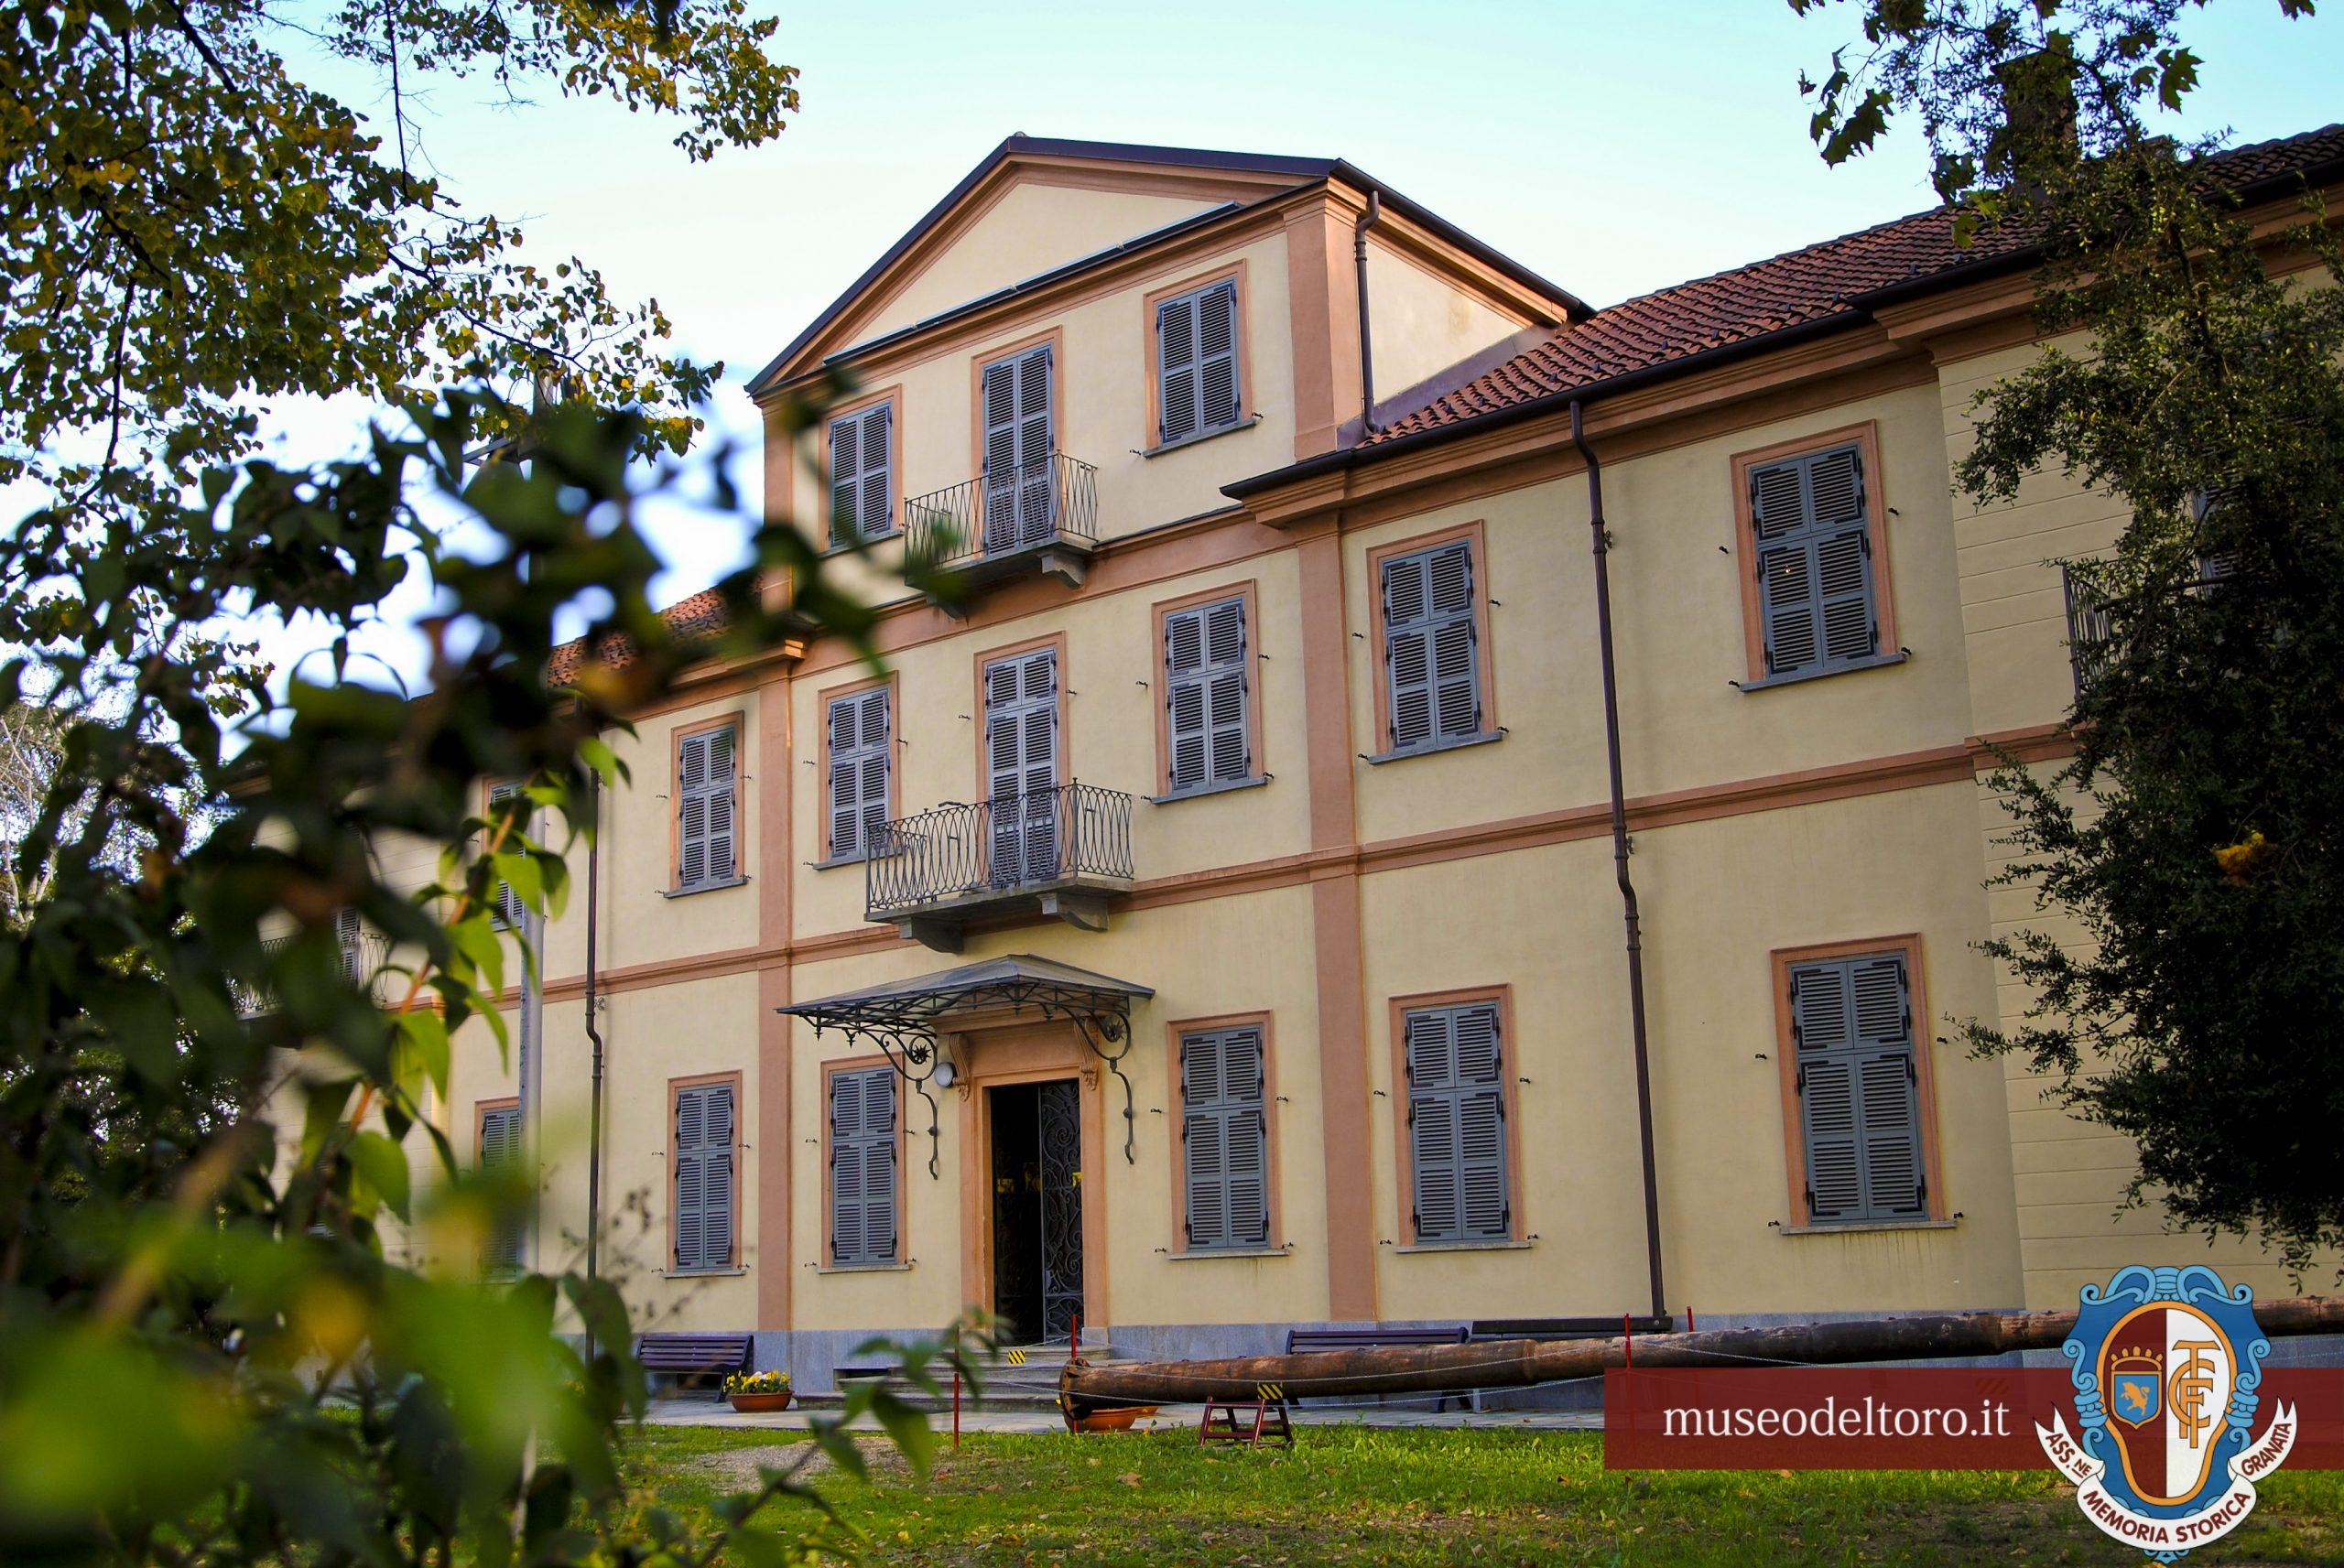 14 GIUGNO 2020: IL MUSEO DEL Grande Torino E DELLA LEGGENDA GRANATA RIAPRE AL PUBBLICO!